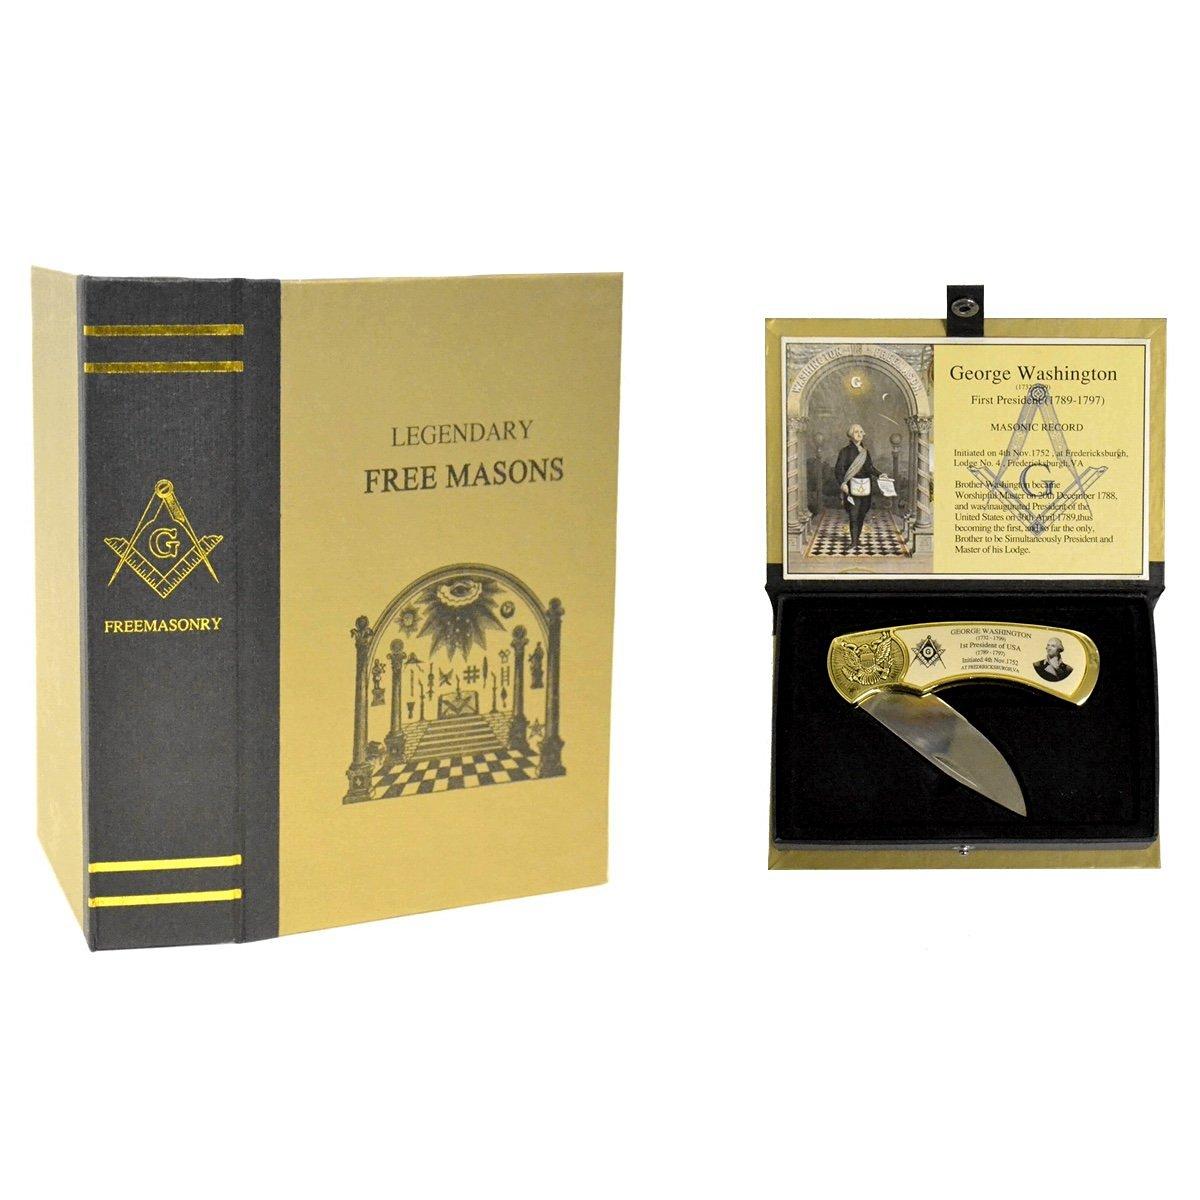 Master Free Mason George Washington Folding Pocket Knife